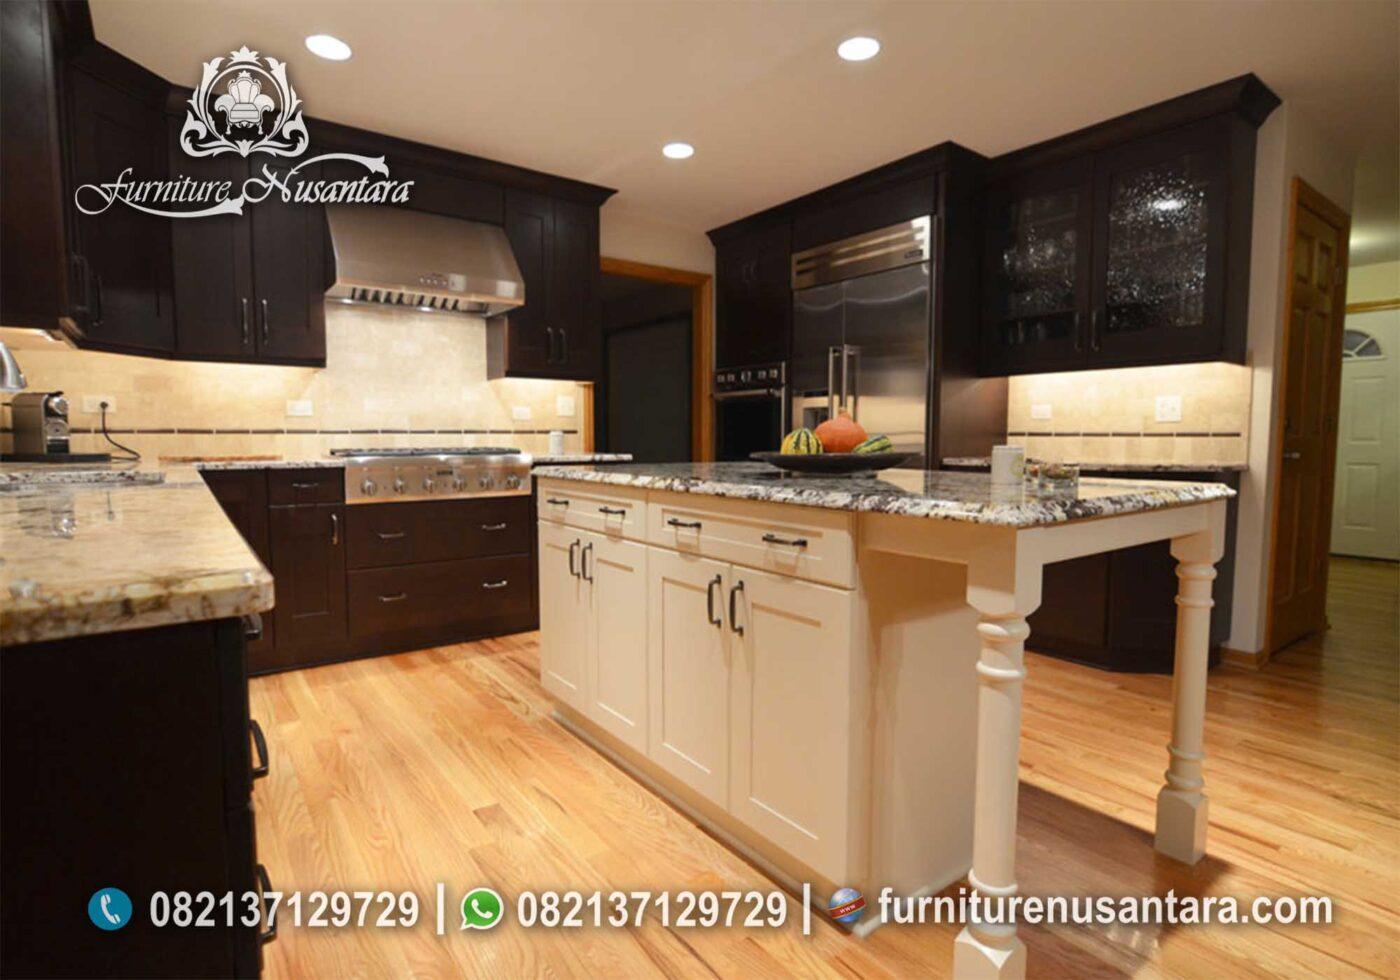 TERMURAH-Jasa Pembuatan Kitchen Seluruh Indonesia KC-23